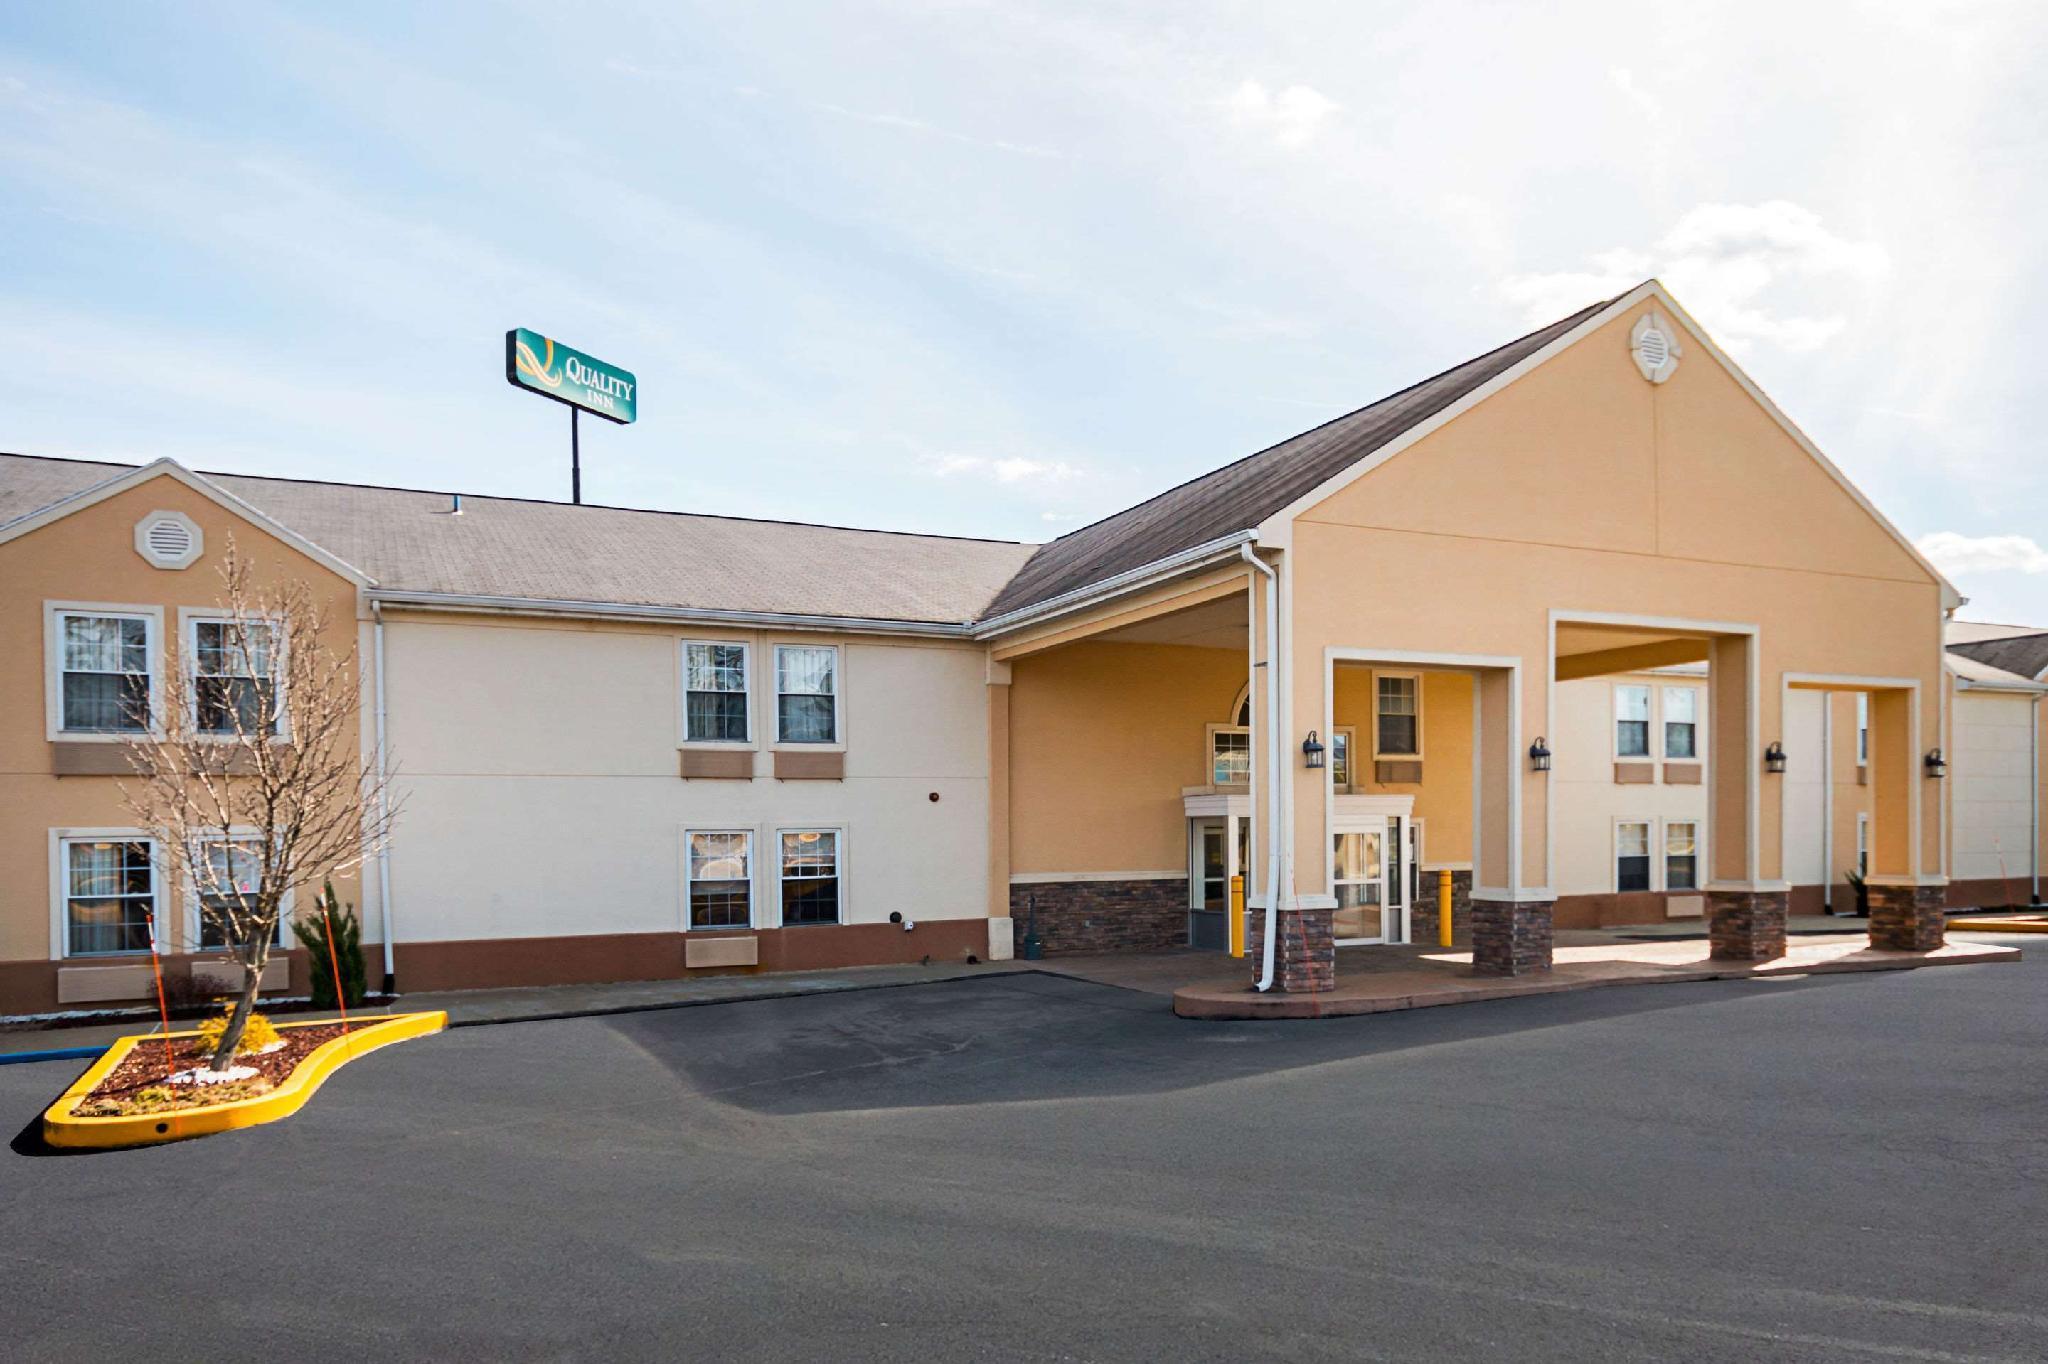 Quality Inn Fairmont Airport Road